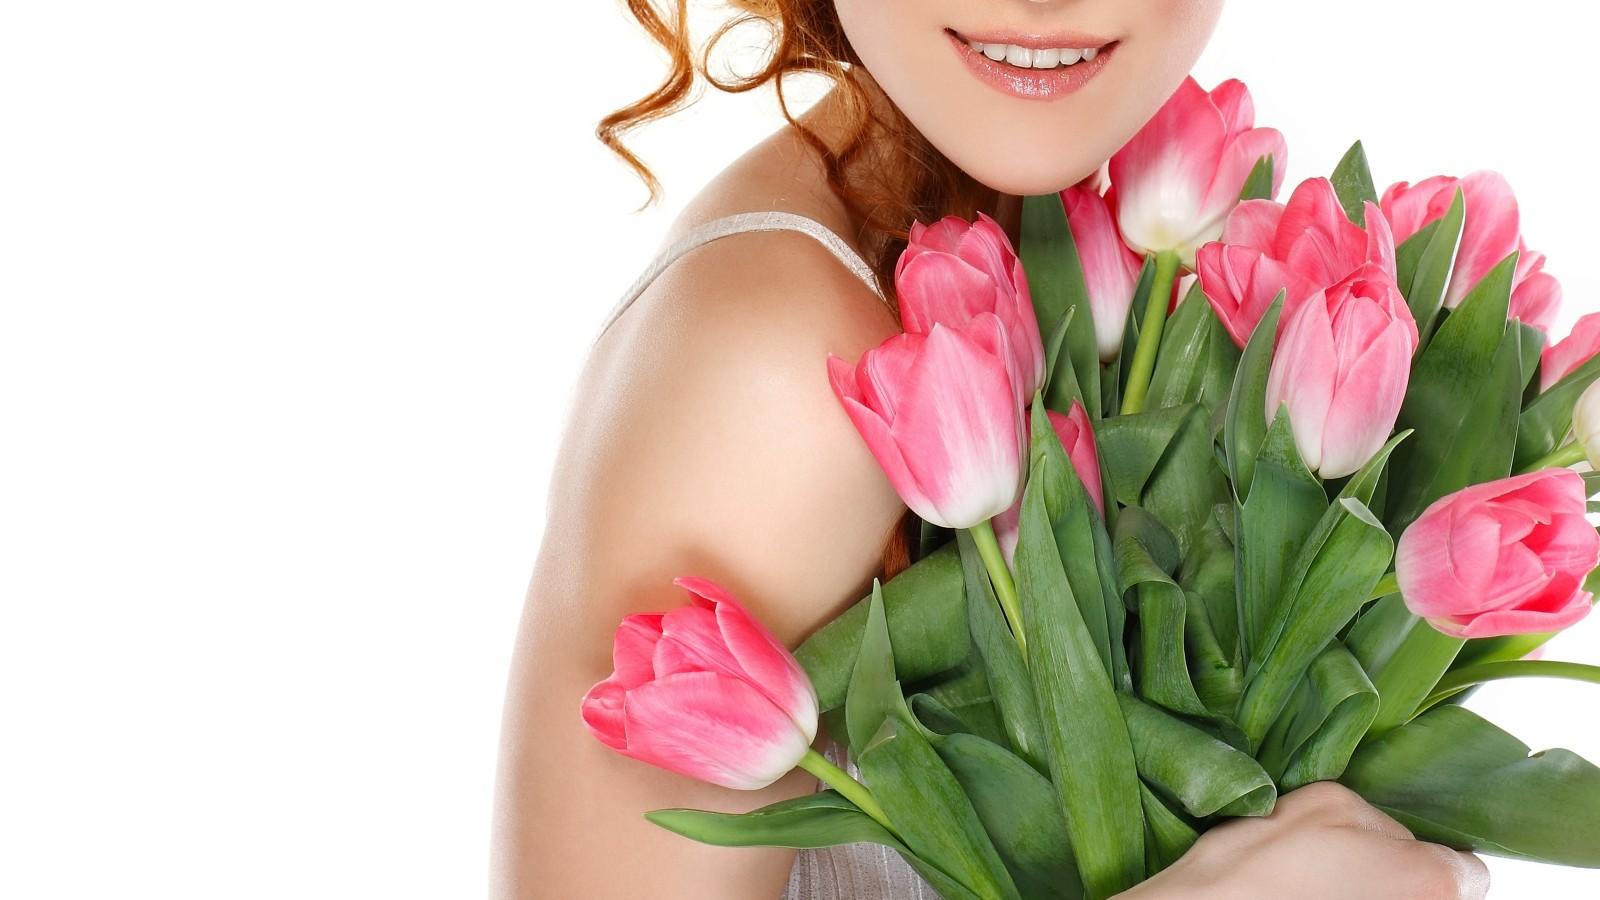 Девушка с весенние цветы